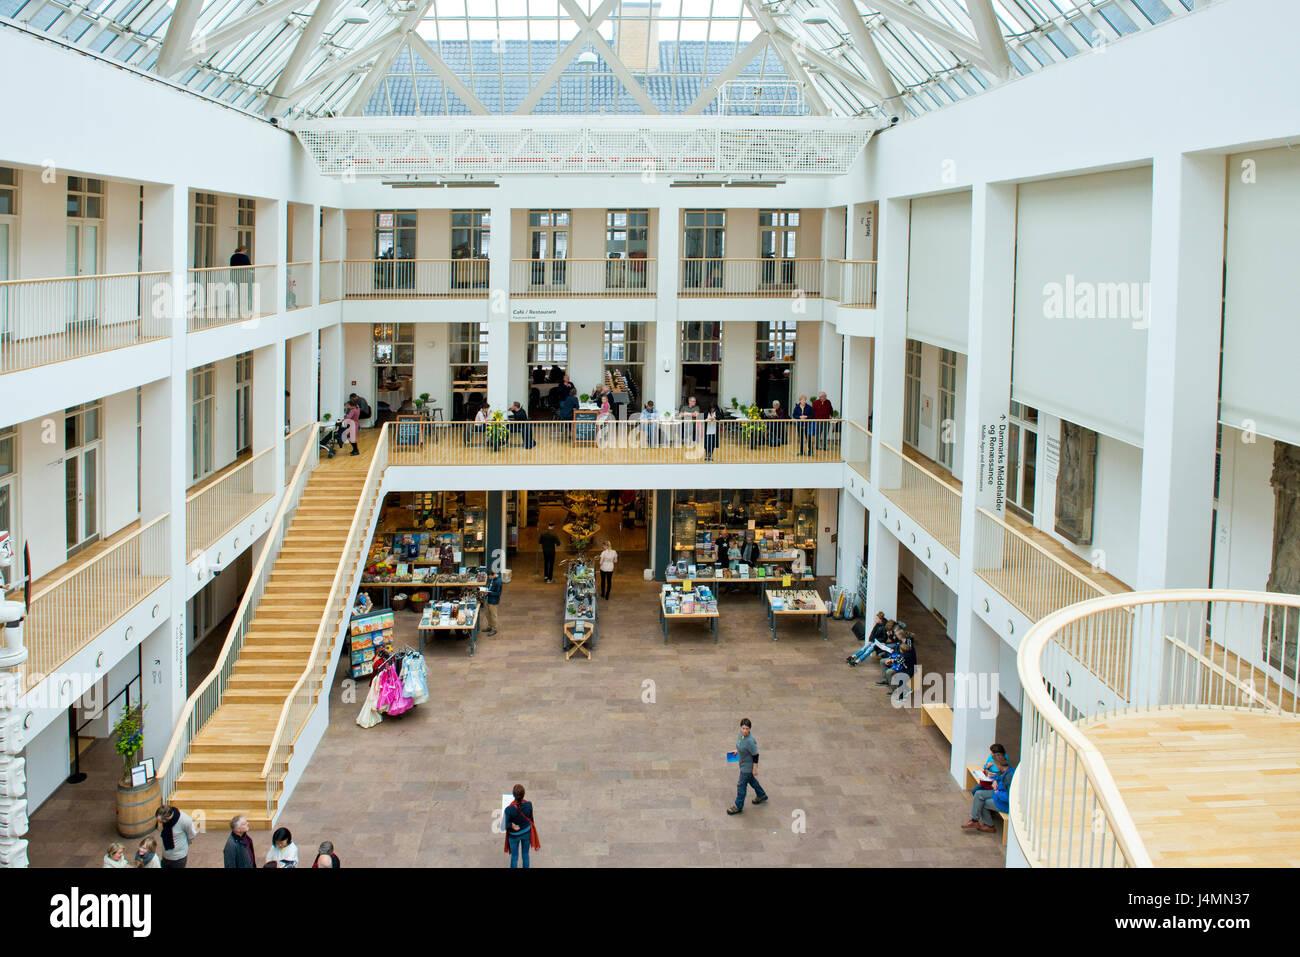 National Museum of Denmark, Copenhagen, Denmark Stock Photo